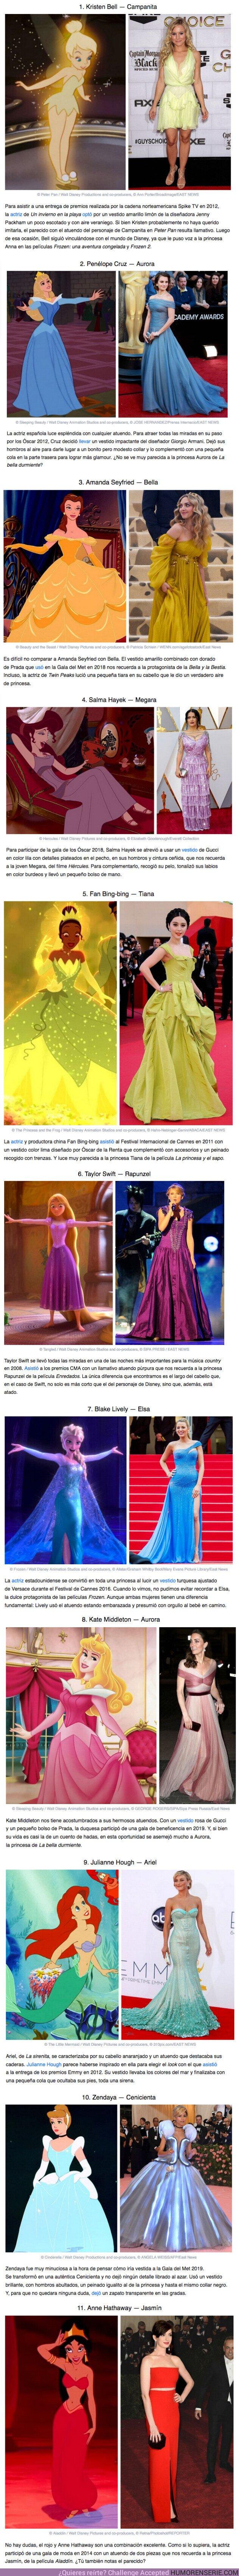 """60393 - GALERÍA: 11 Famosas cuyos """"looks"""" en la alfombra roja nos recuerdan a las princesas de Disney"""